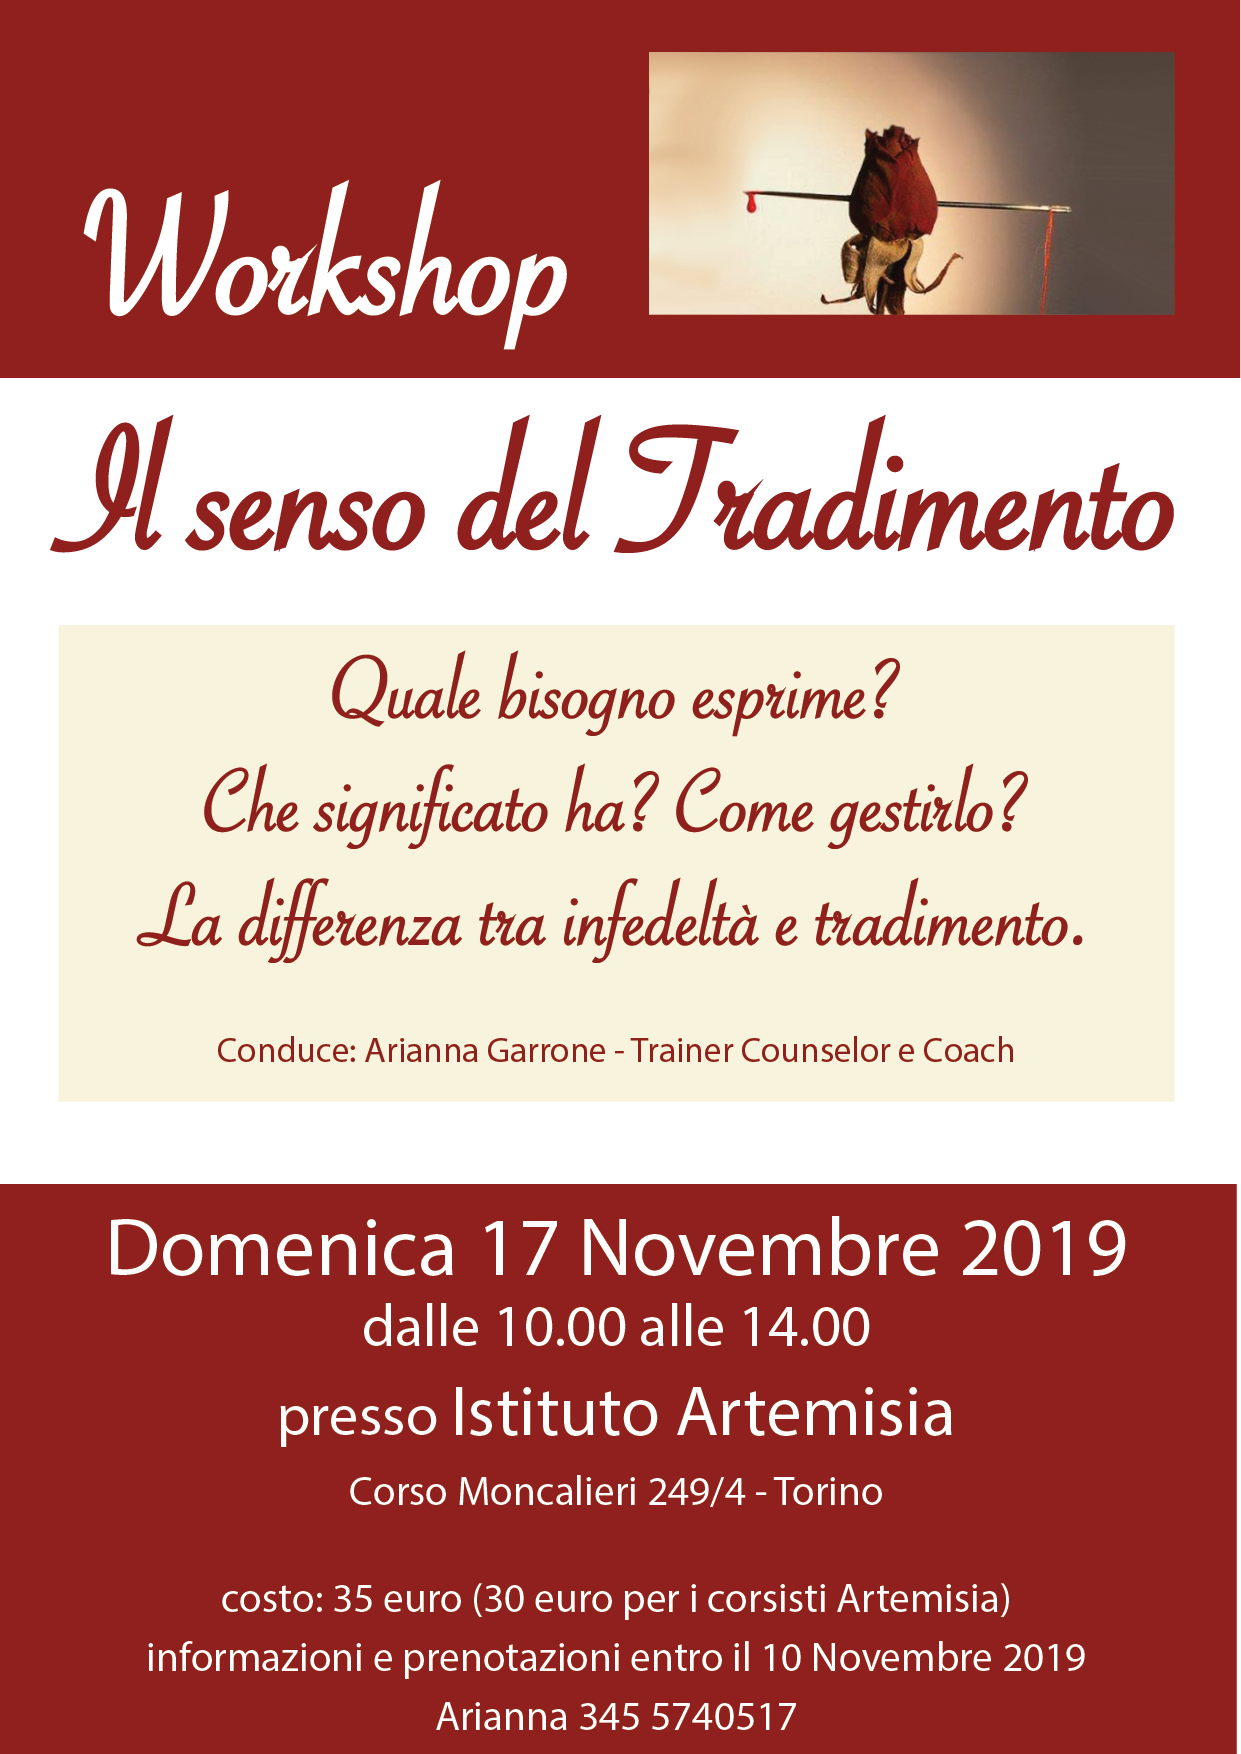 Workshop - Il senso del tradimento